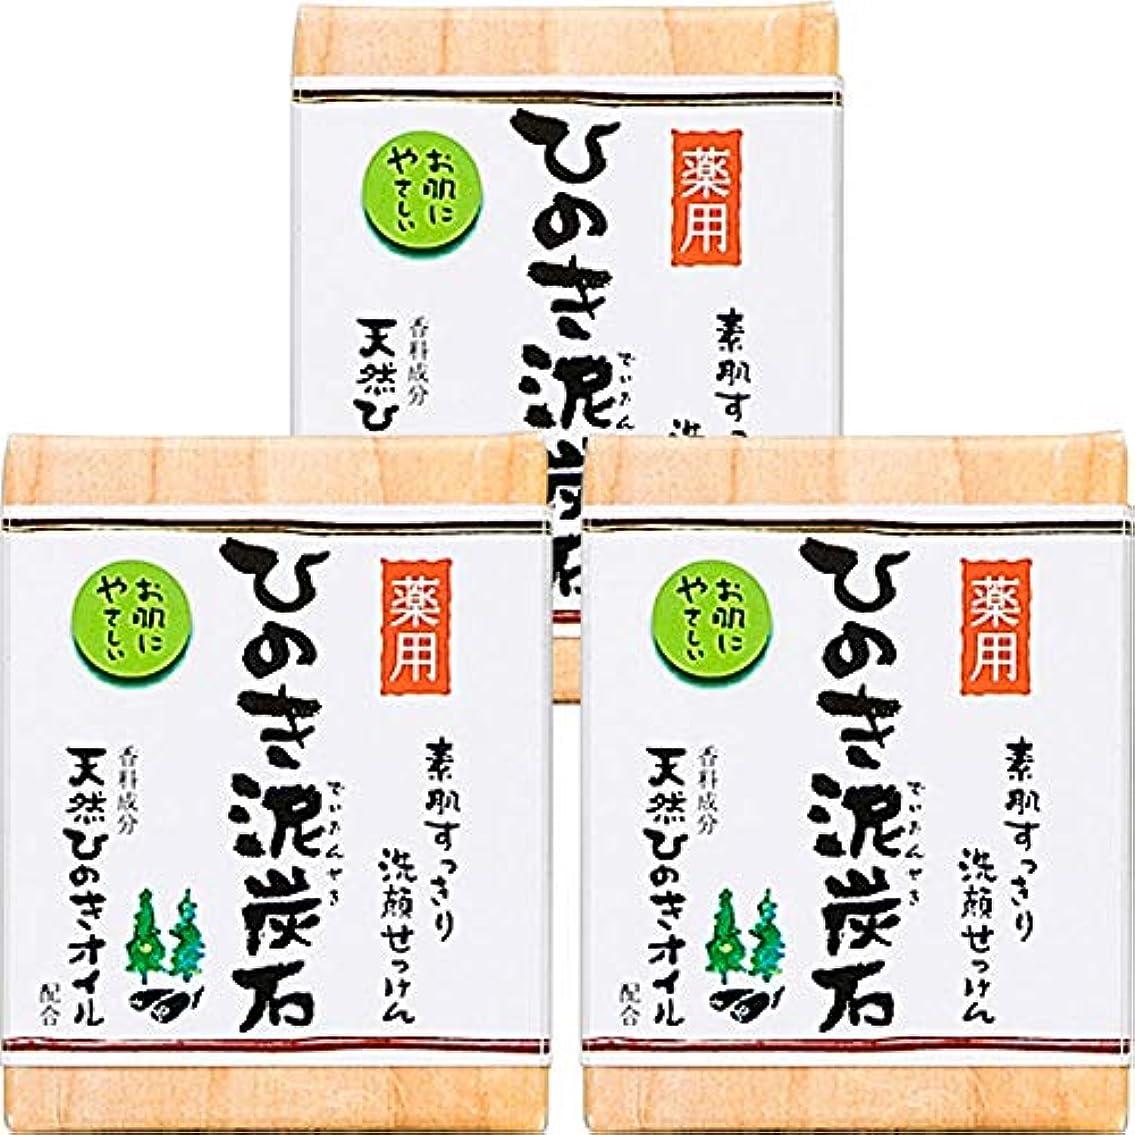 伝記確認してください冒険薬用 ひのき泥炭石 (75g×3個) 洗顔 石けん [天然ひのきオイル配合] 肌荒れ防止